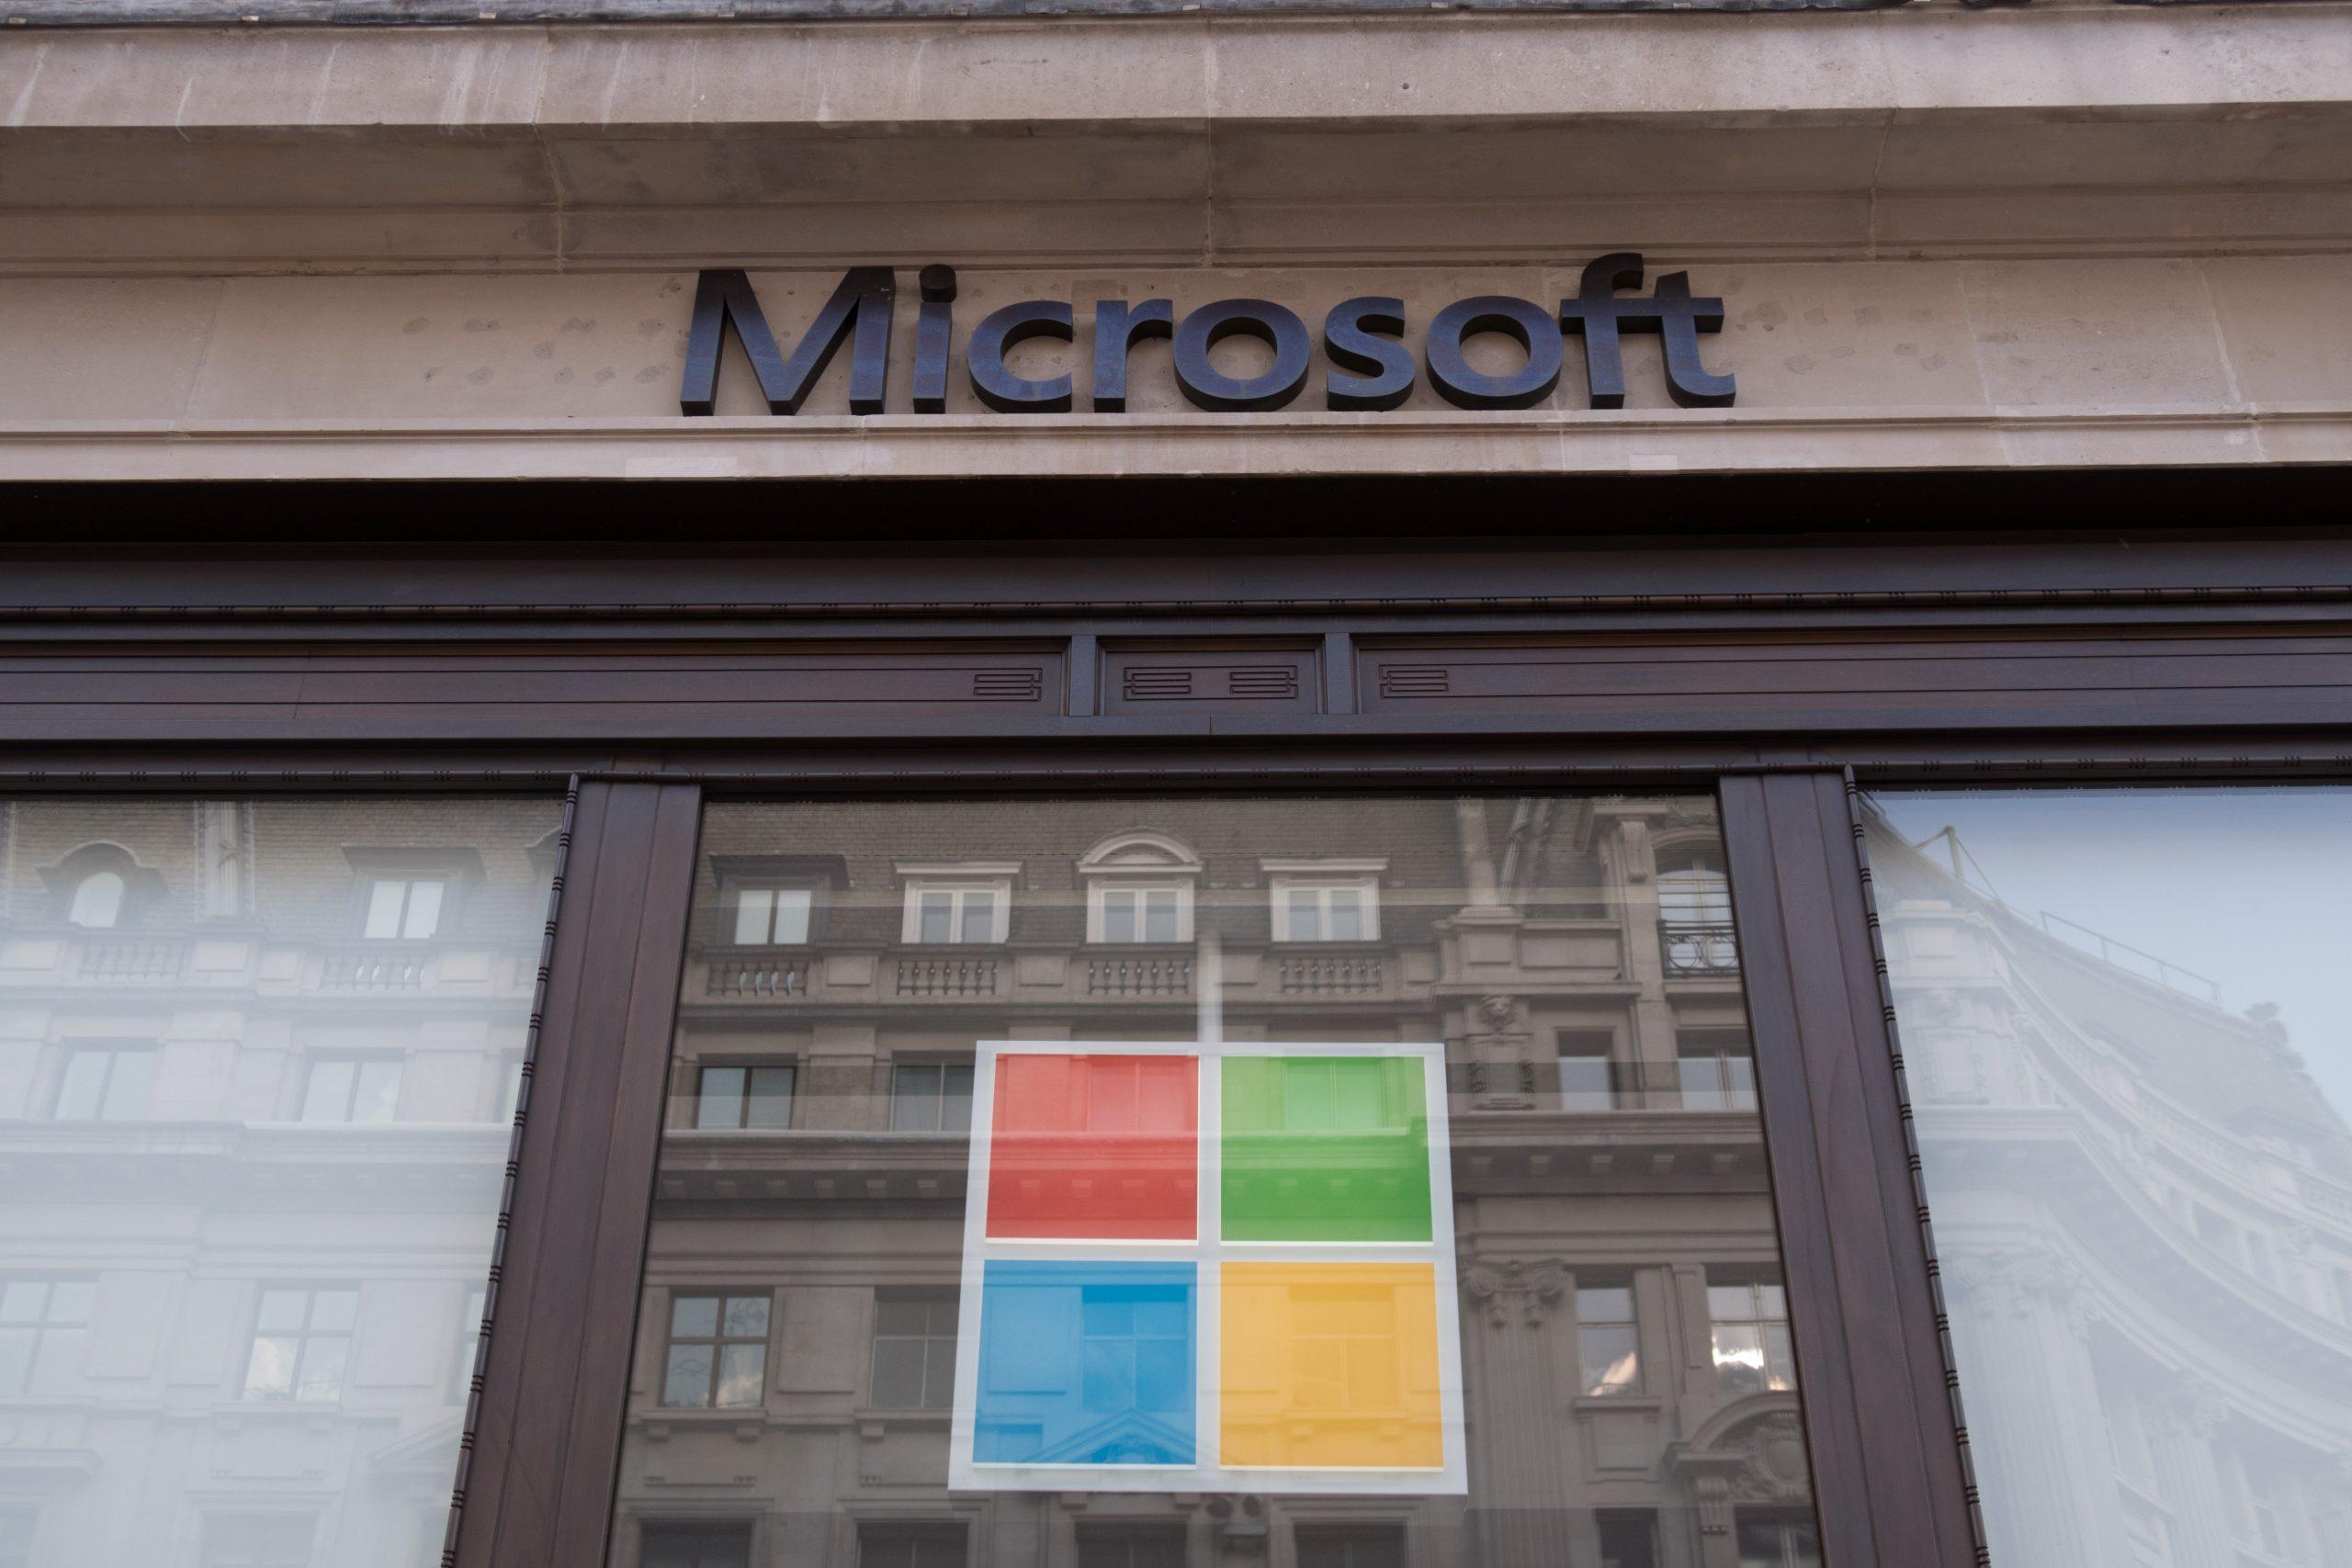 Microsoft décide de fermer la quasi totalité de ses magasins